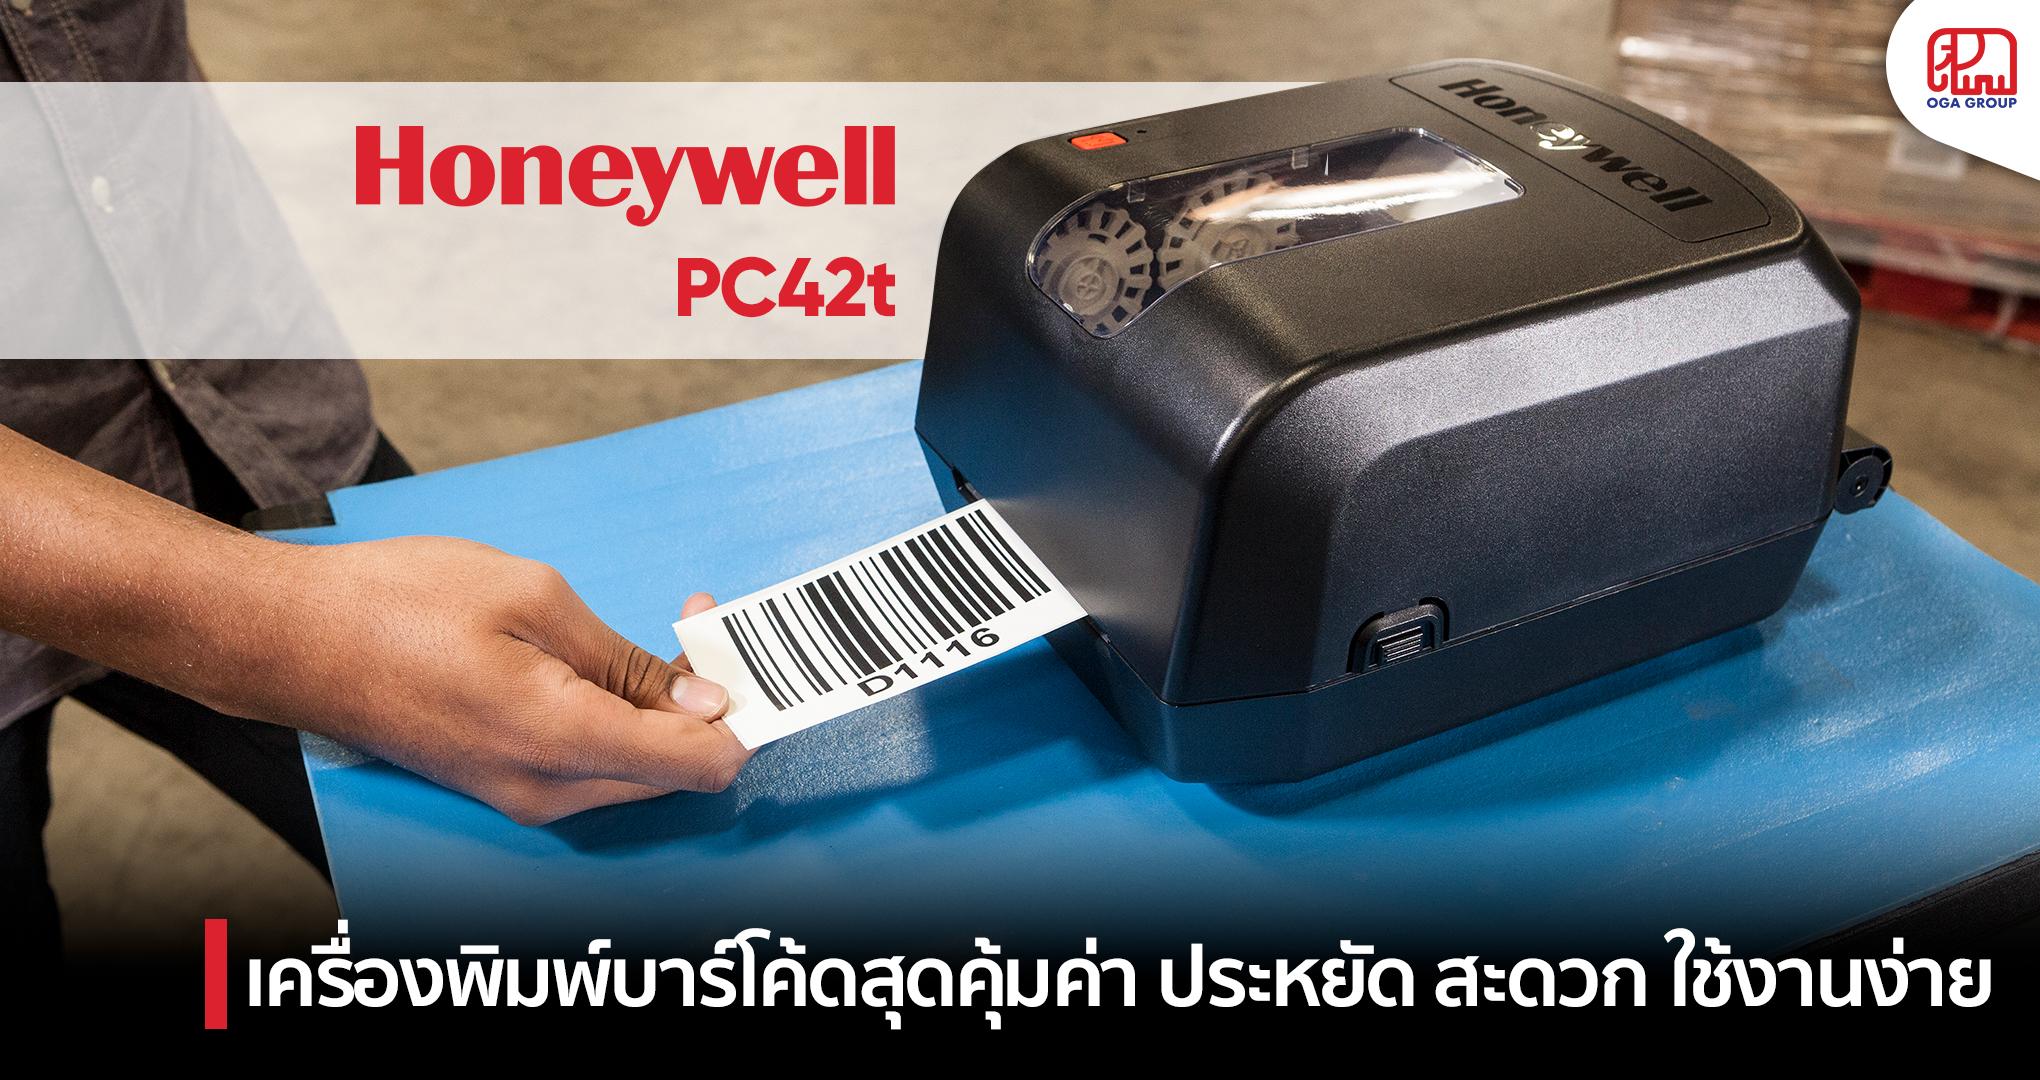 เครื่องพิมบาร์โค้ด เครื่องพิมพ์ความร้อน Honeywell PC42t